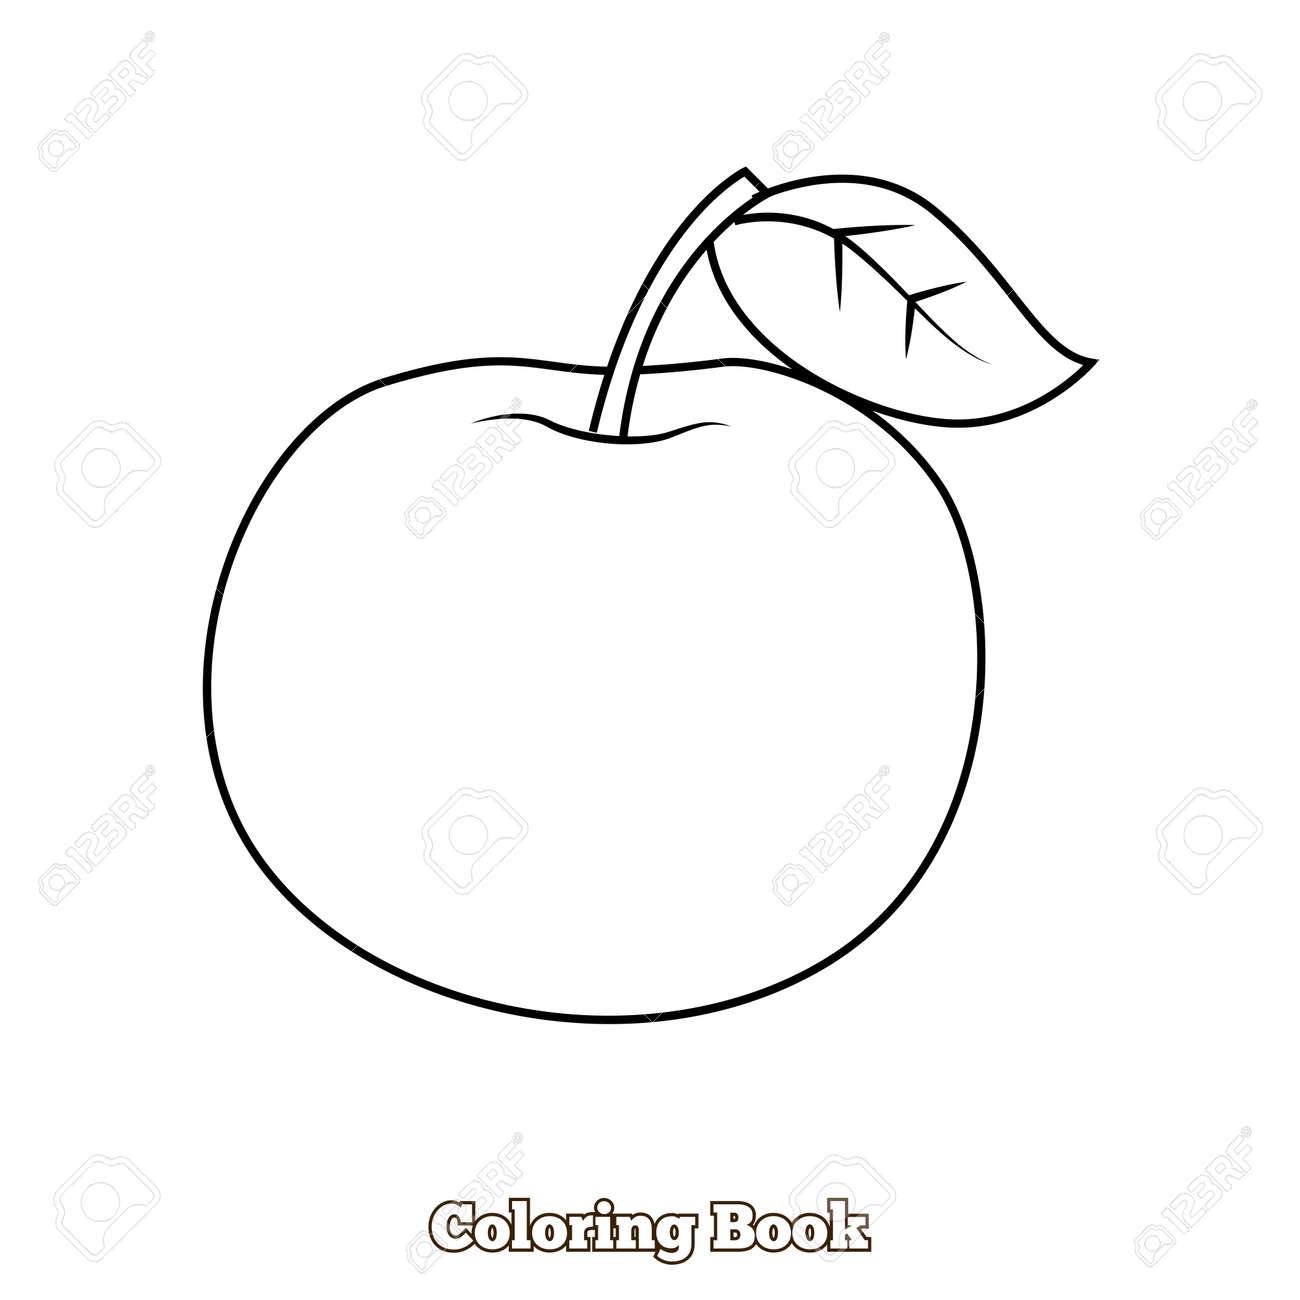 Manzana Para Colorear A Mano Ilustración Vectorial Dibujado